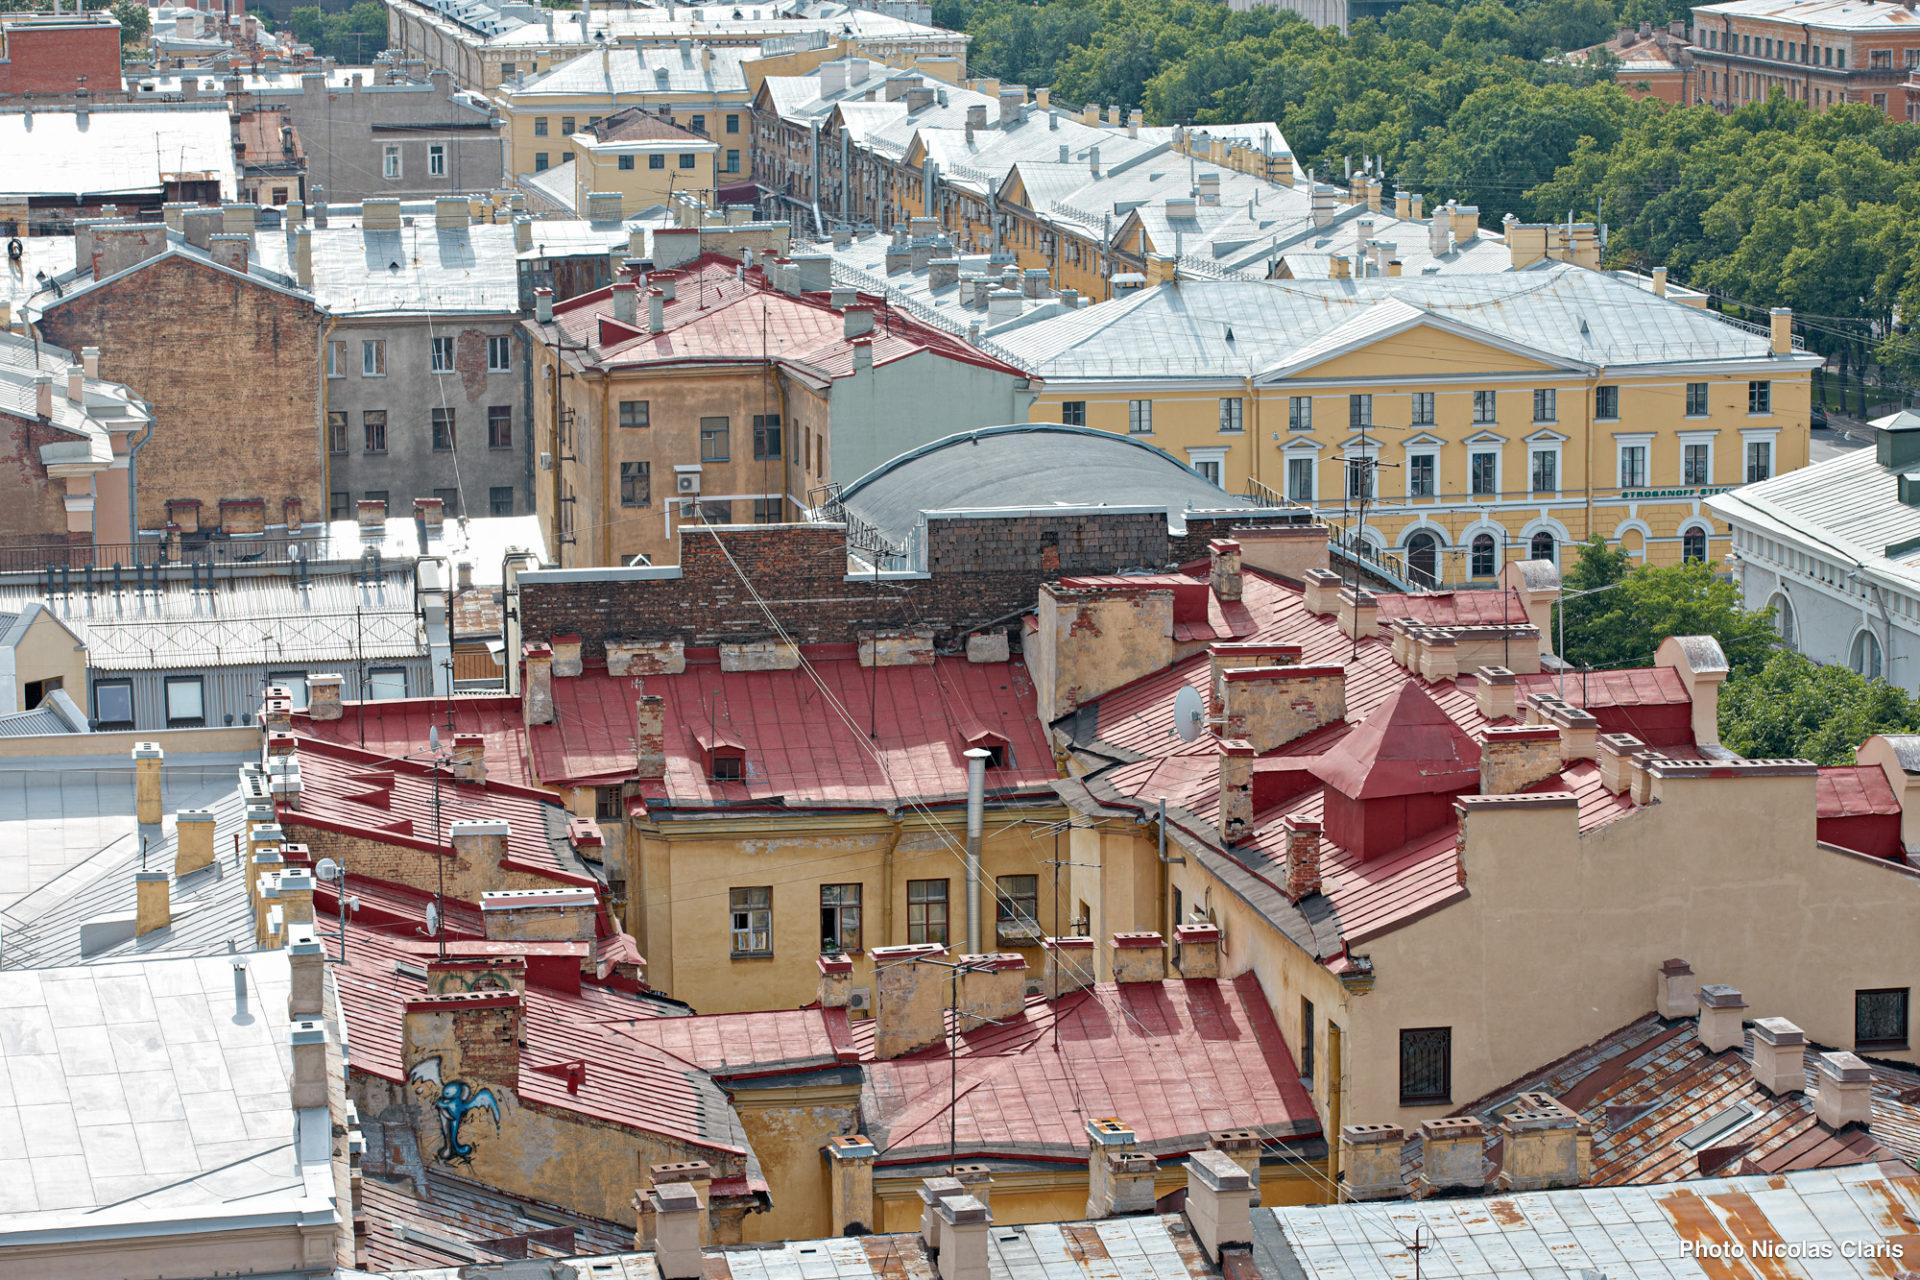 HD_Saint-Petersburg_City_45R10154